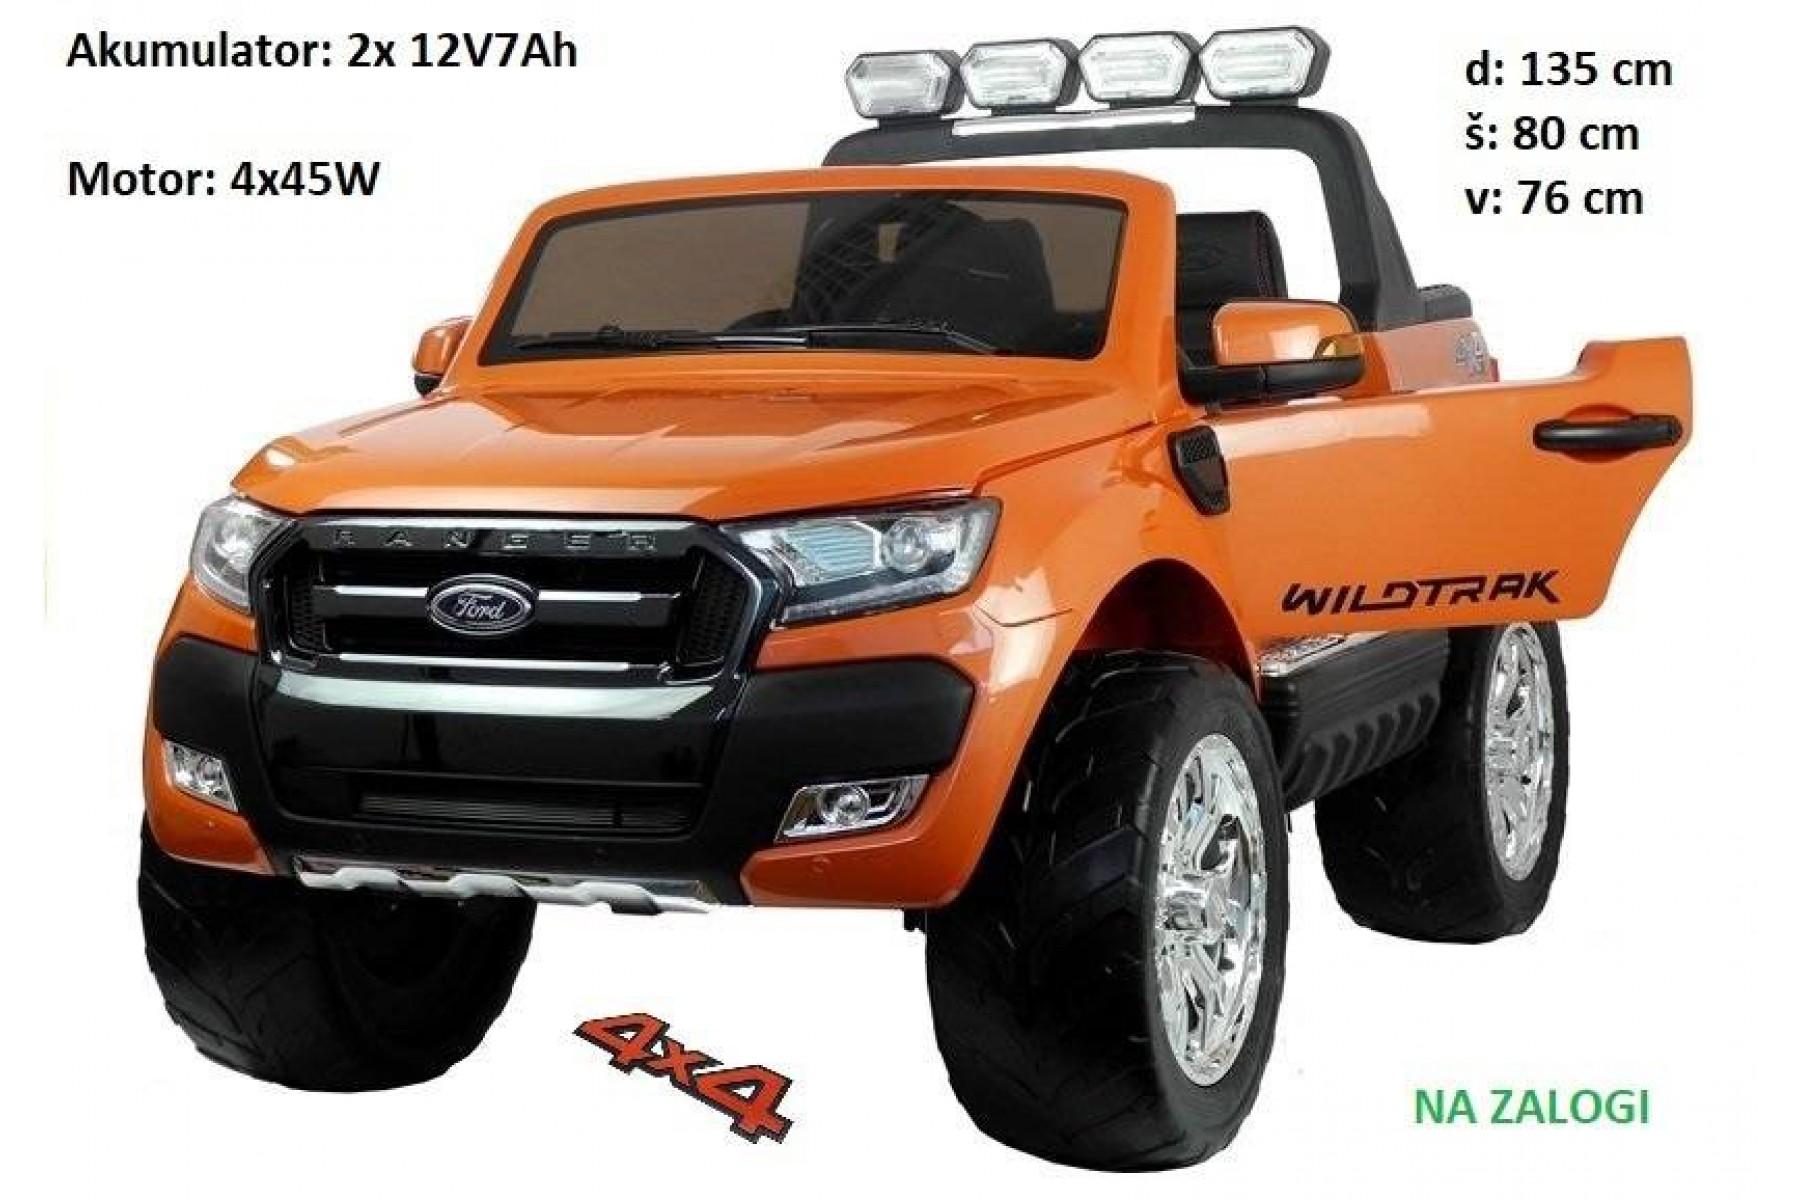 Ford Ranger 4x4 (oranžen)